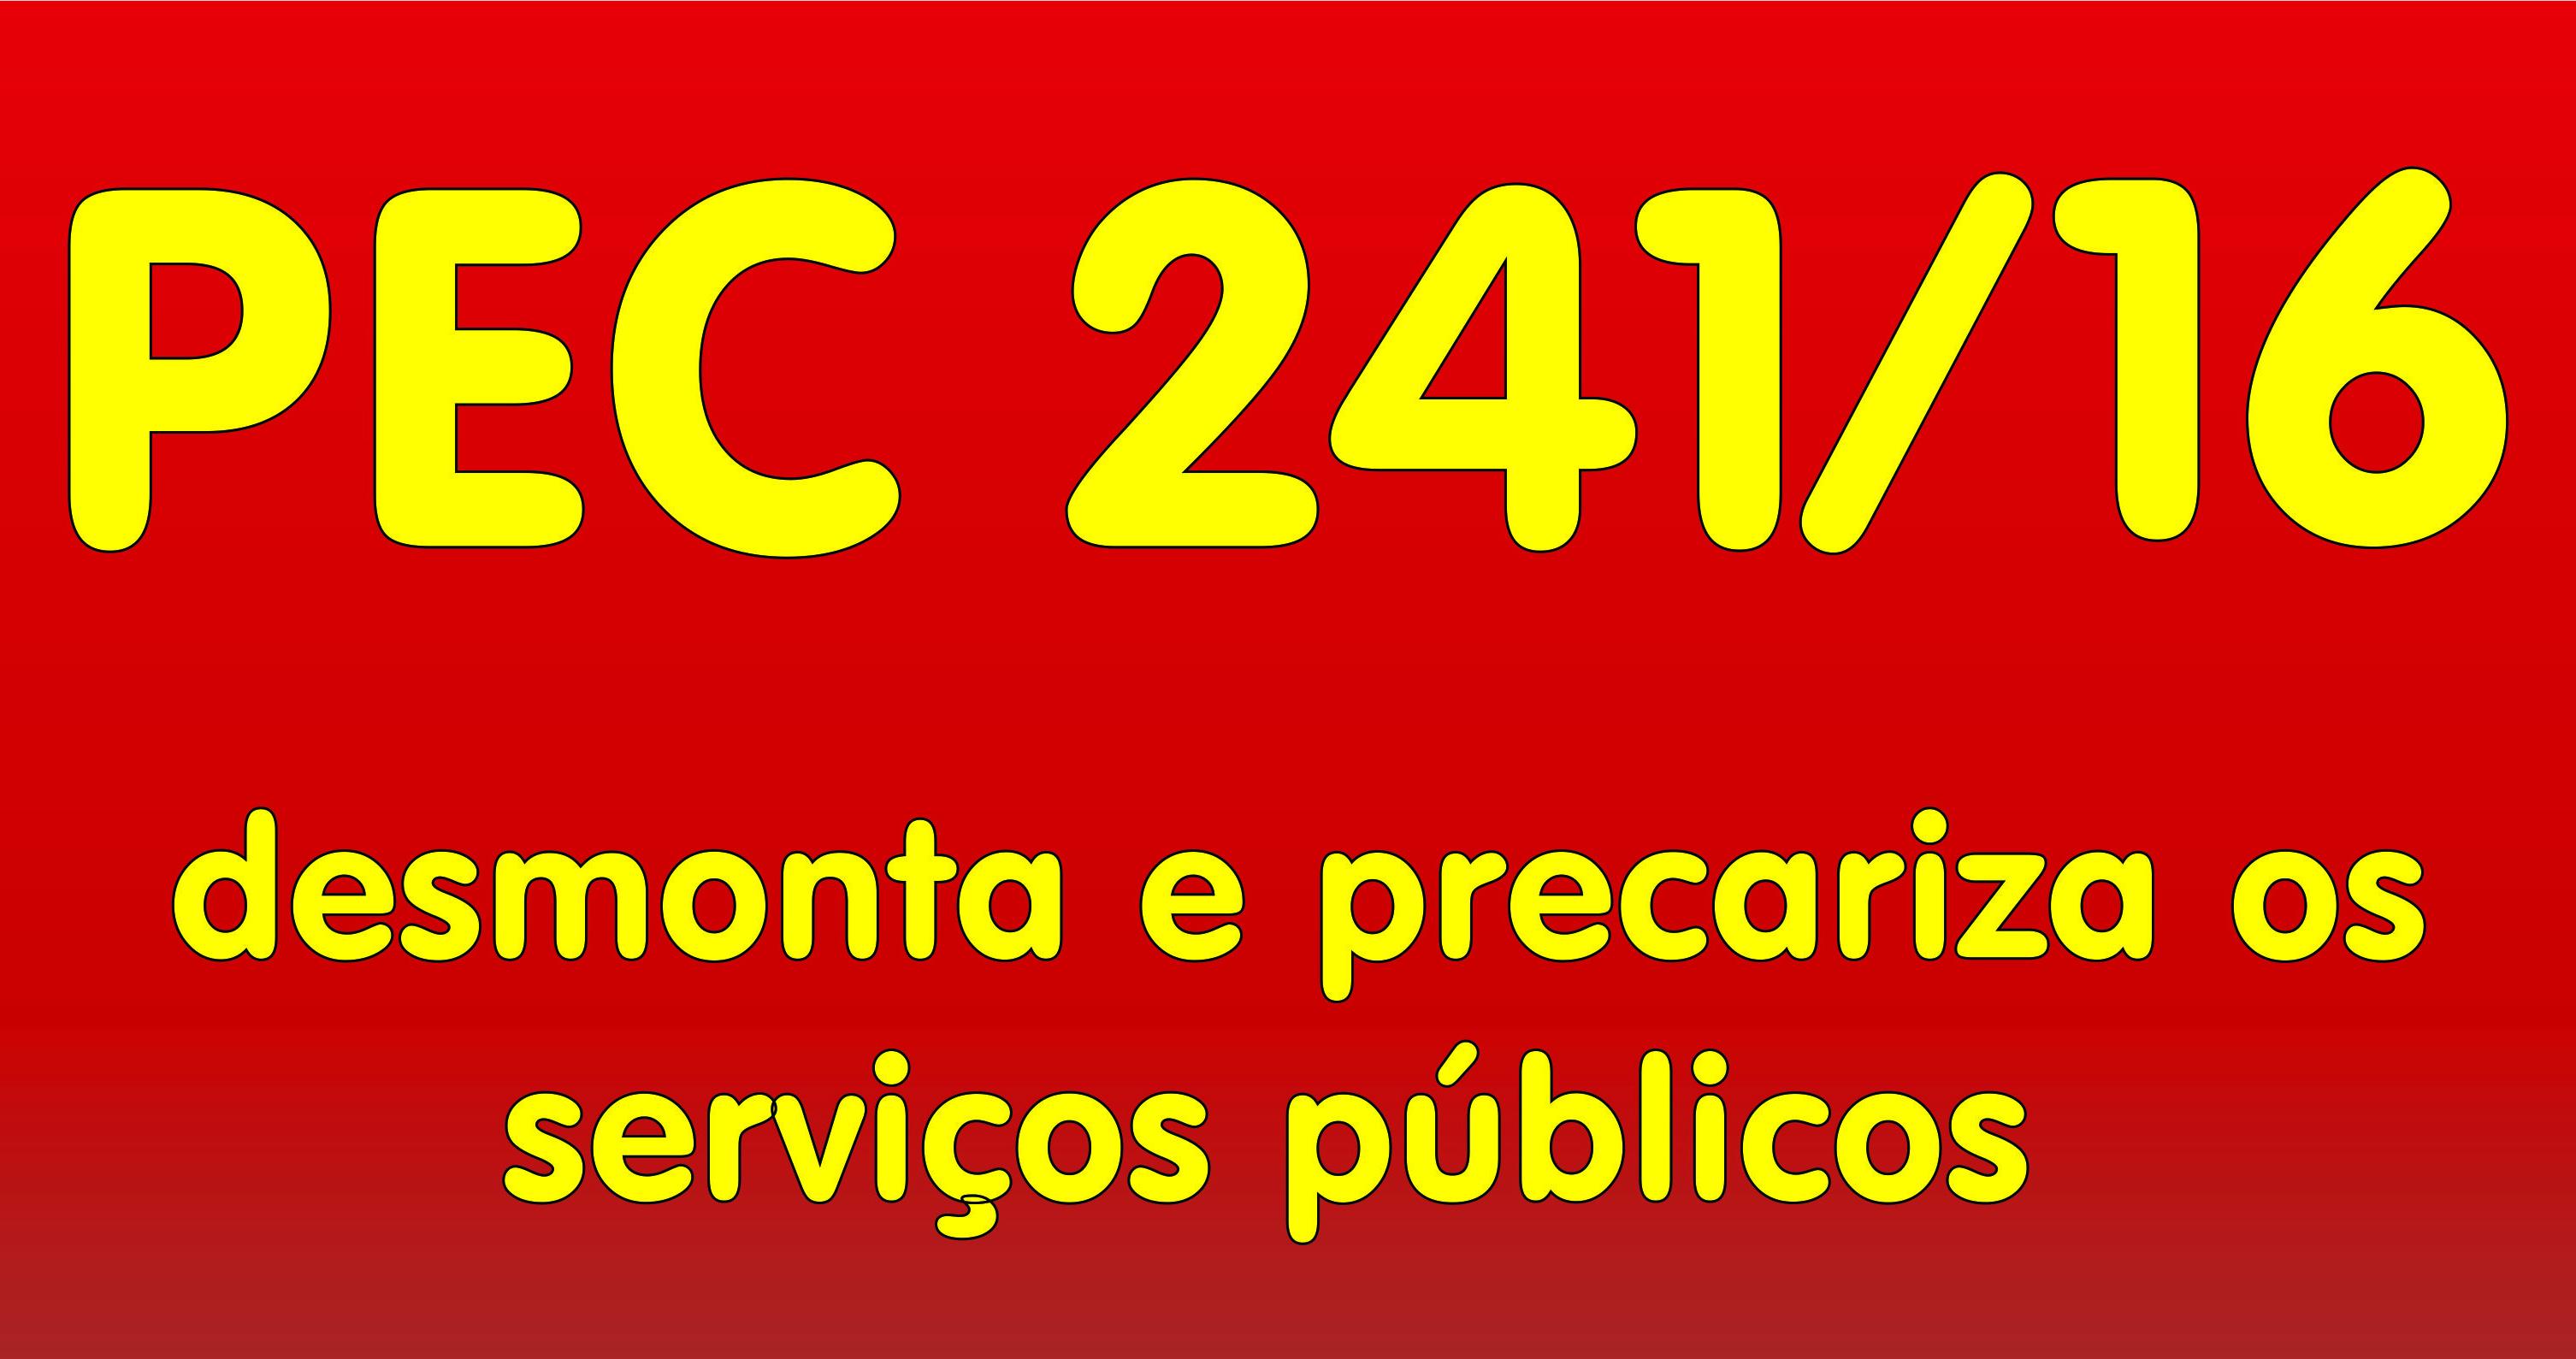 PEC-241-16